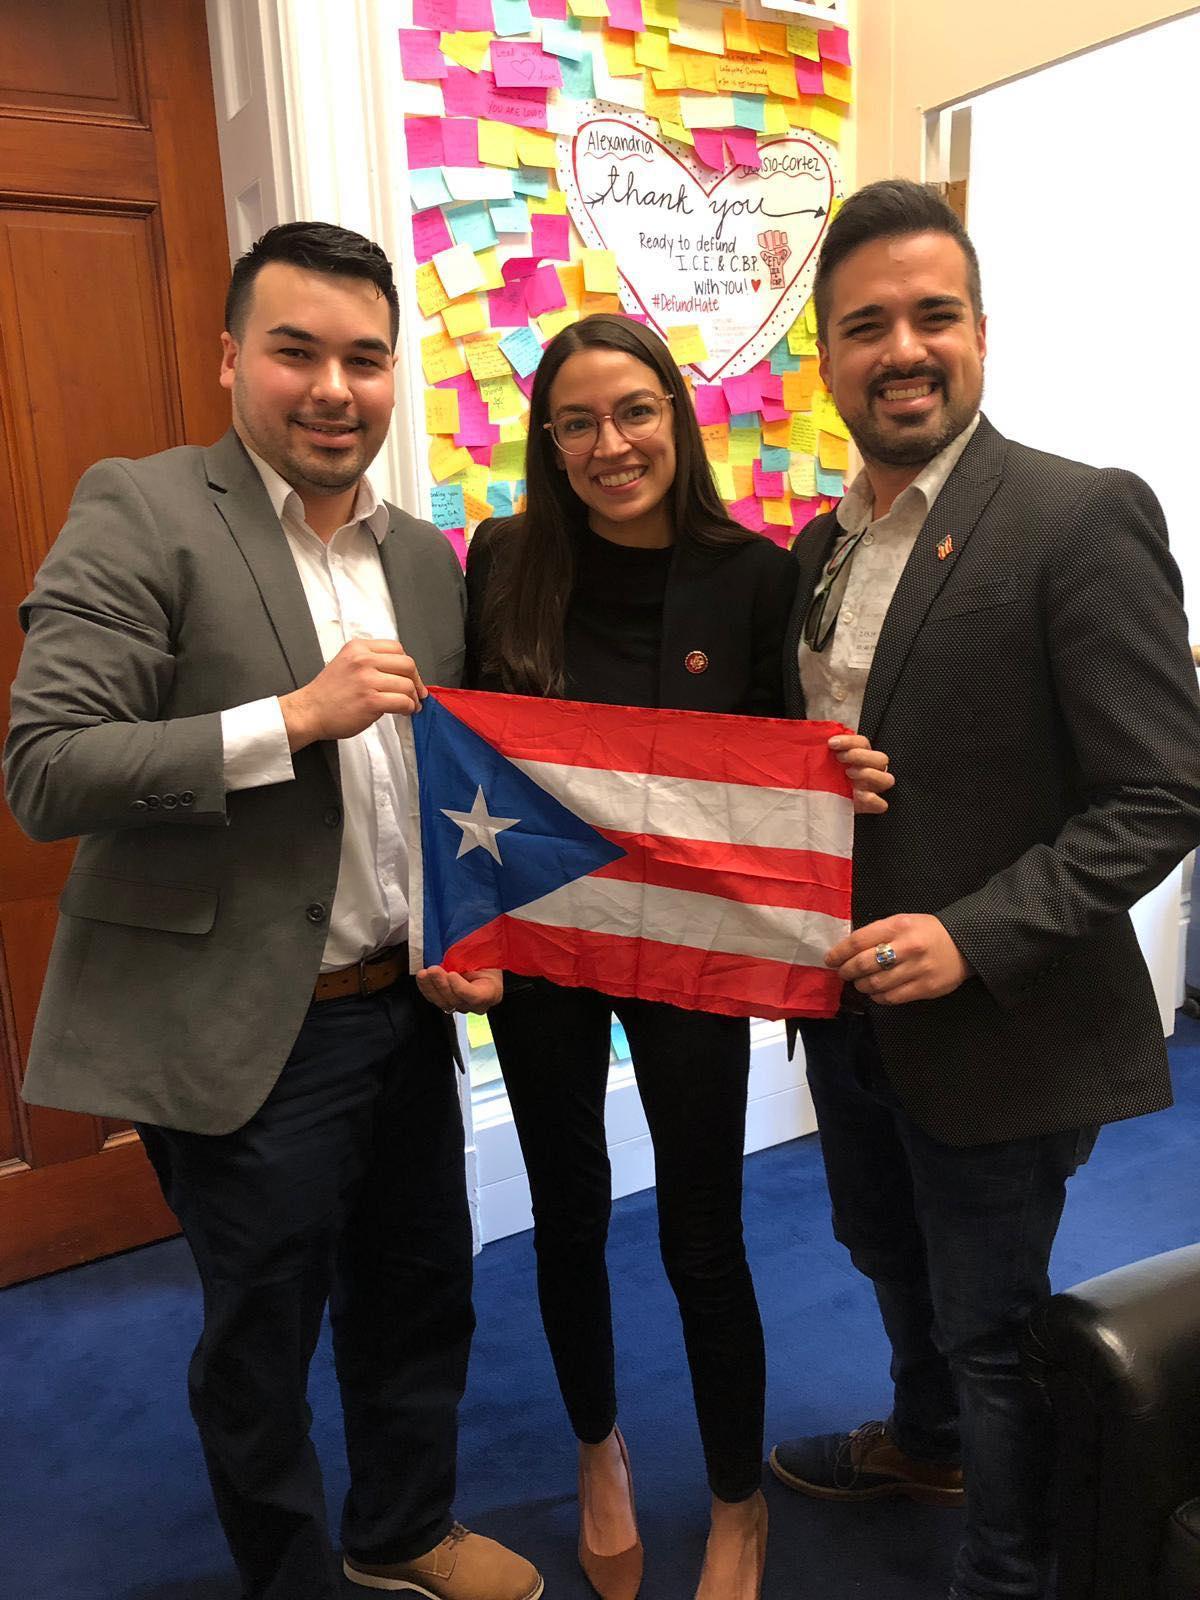 Visitando la Oficina de la congresista de Nueva York, Alexandria Ocasio-Cortez.